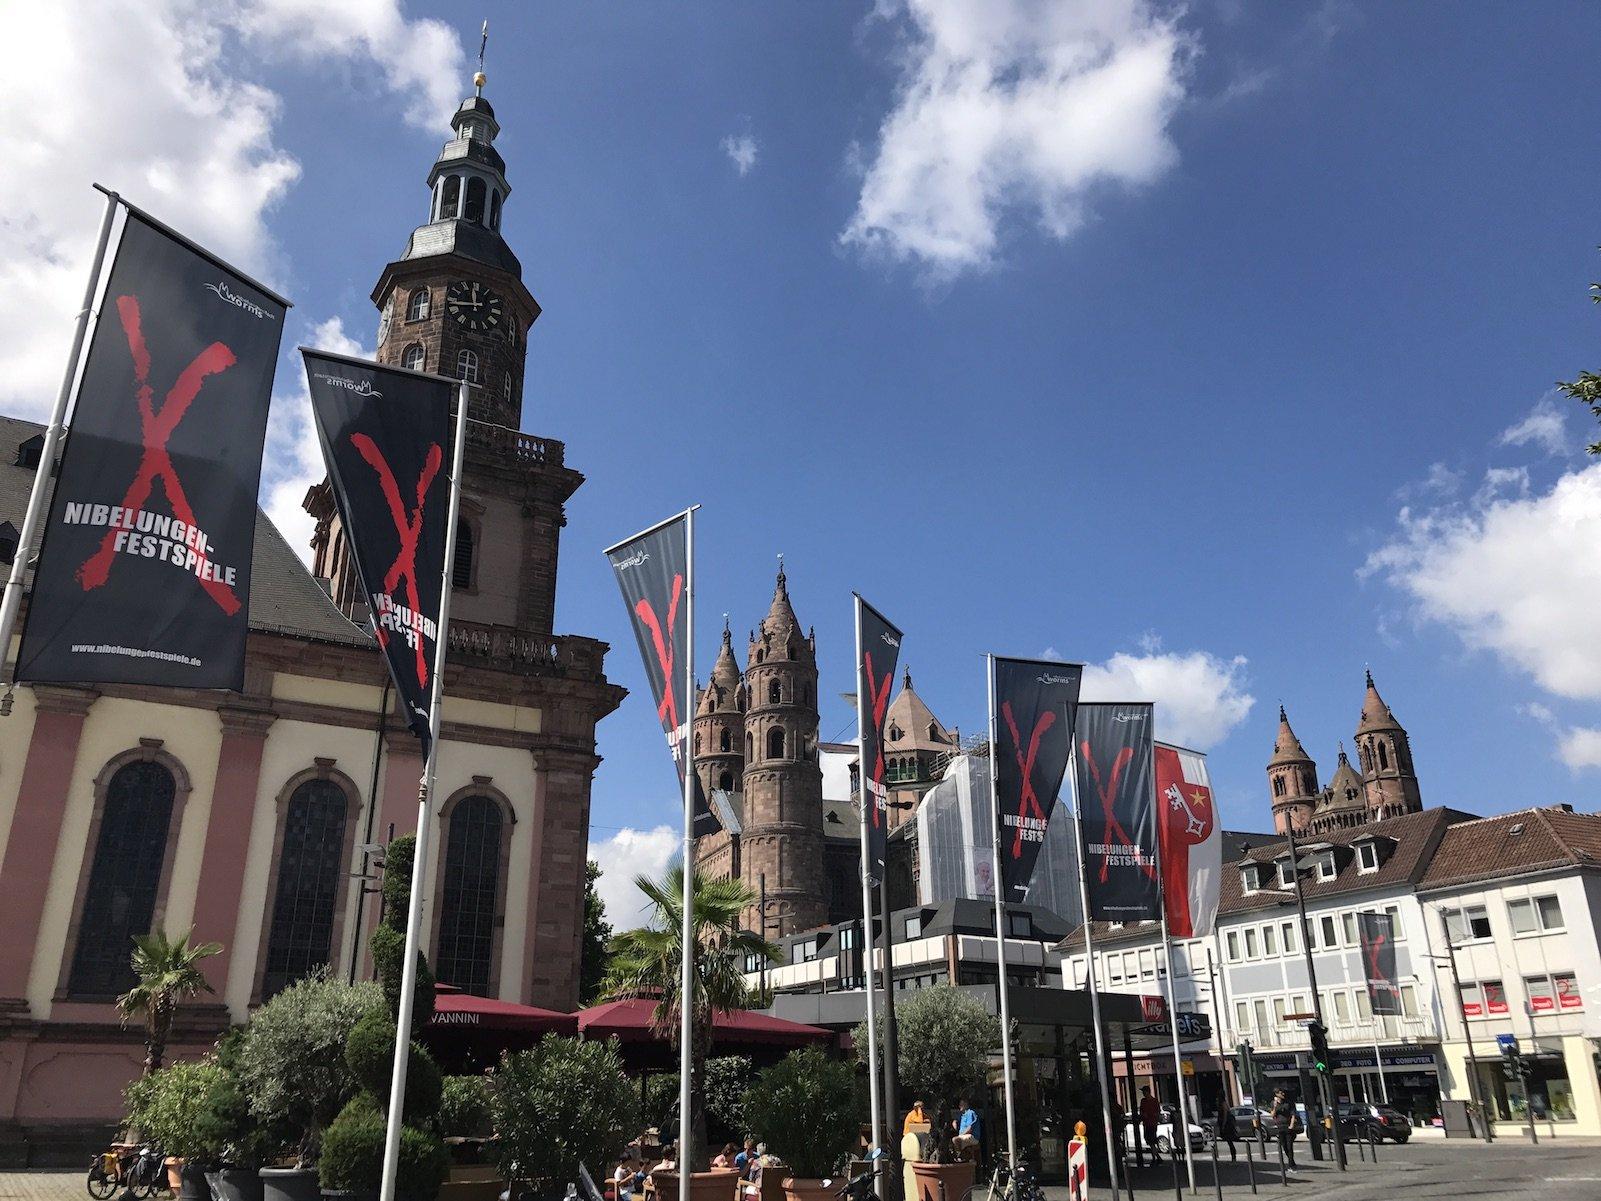 Werbung für die Nibelungenfestspiele 2017 in Worms